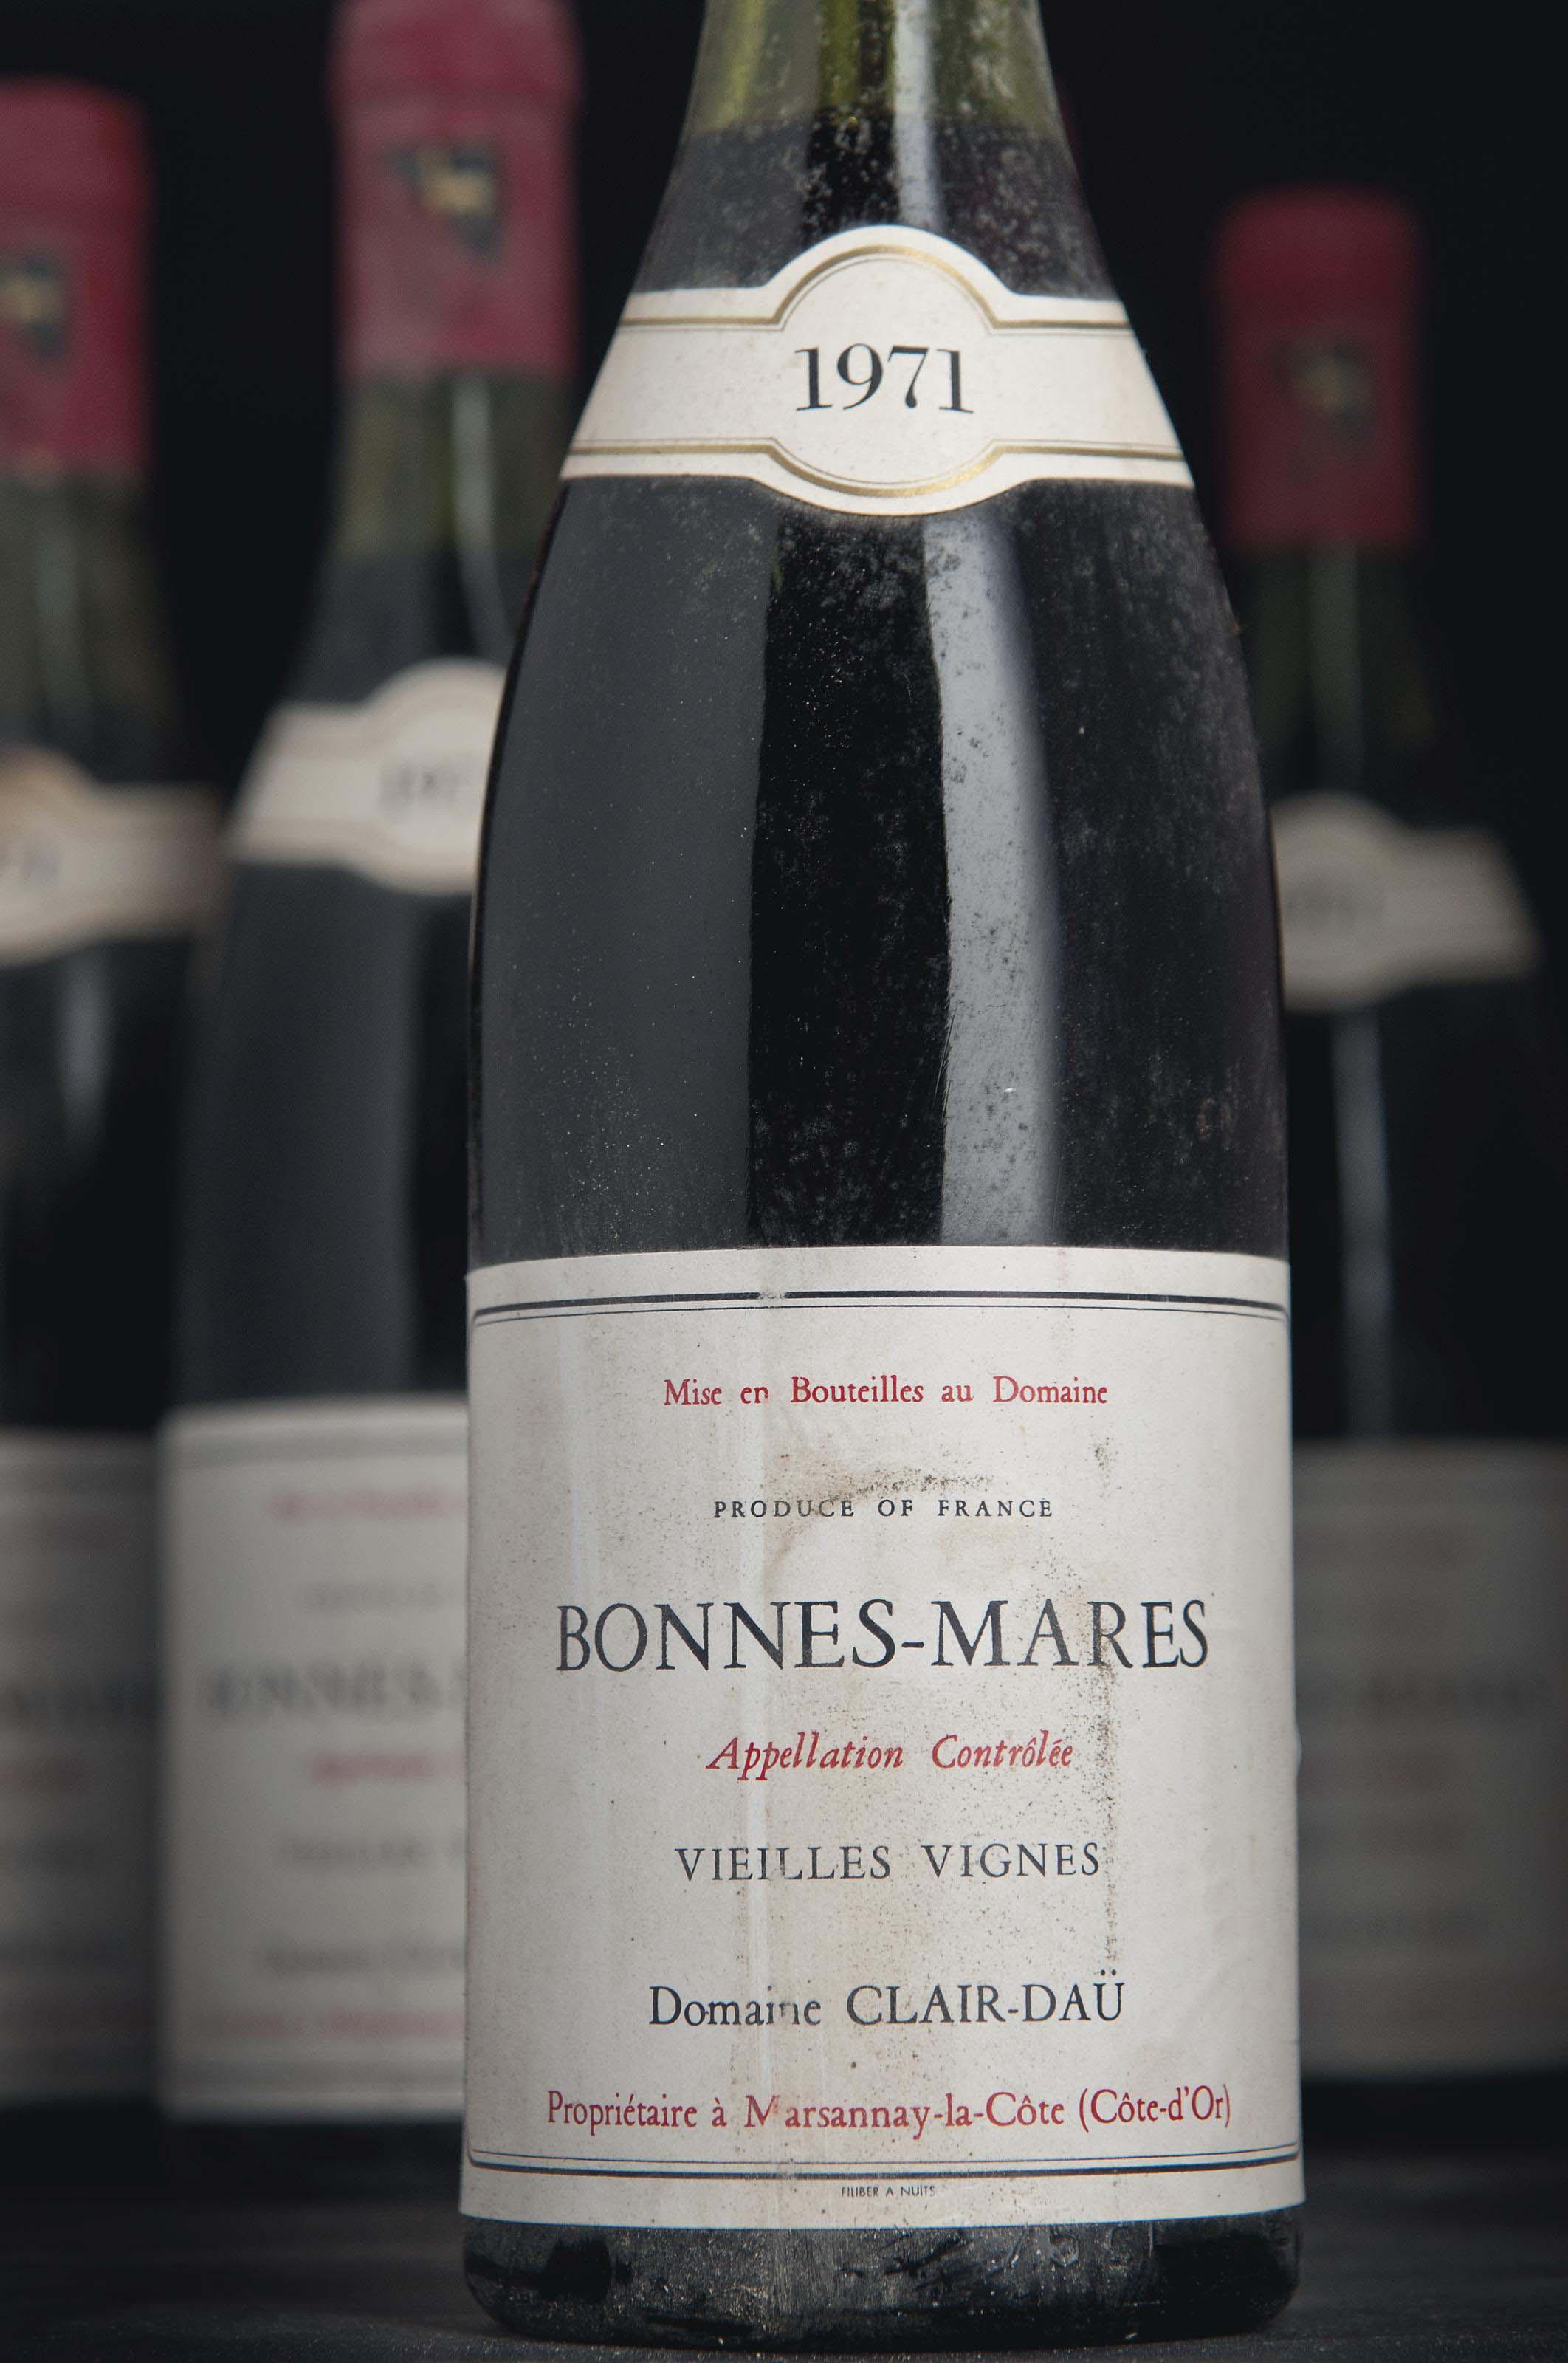 Clair Daü, Bonnes-Mares Vieilles Vignes 1971